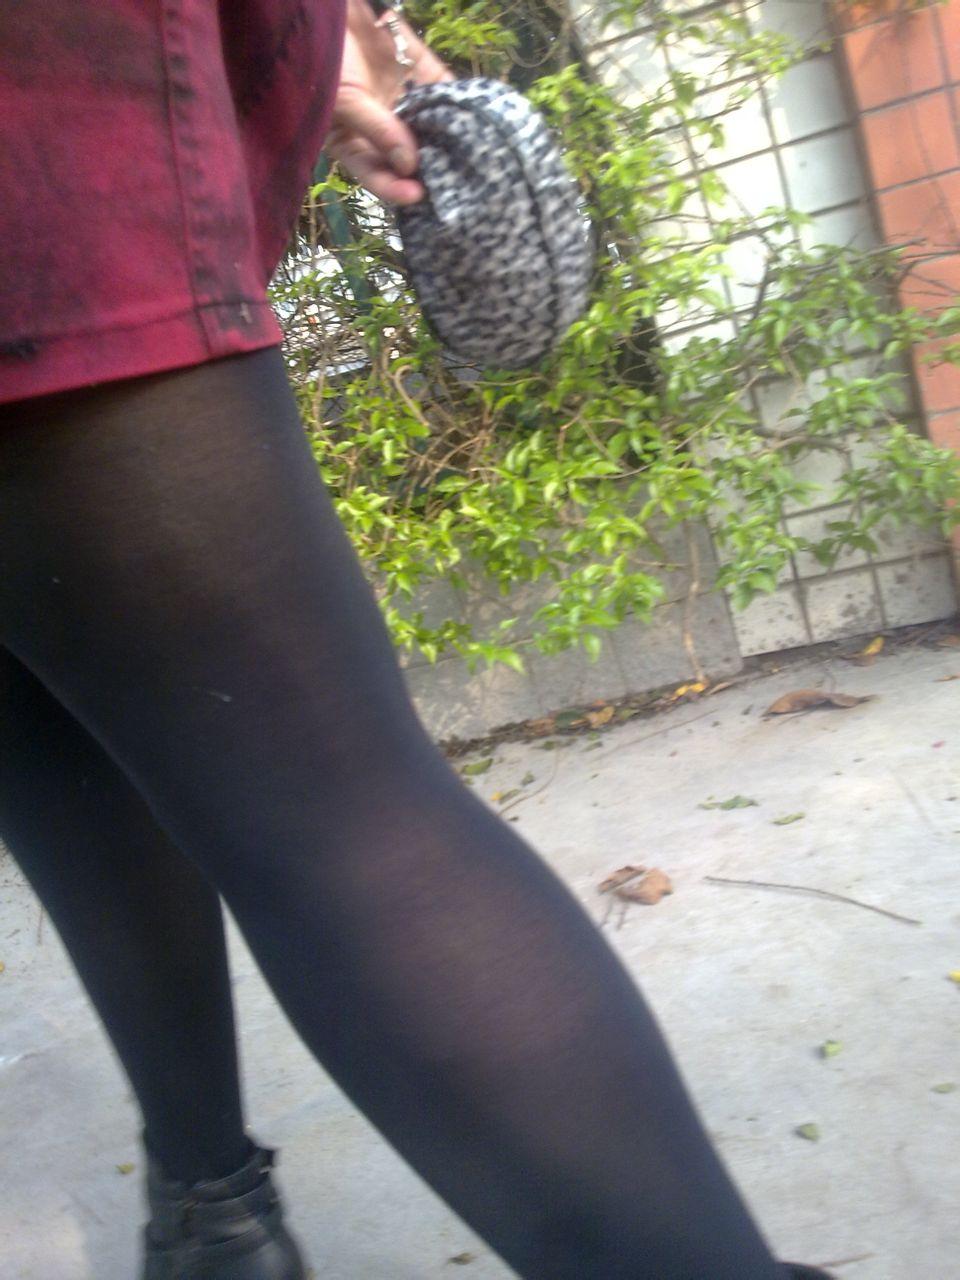 姐姐的丝袜昨天在阳台晒,我偷偷摸摸,被她看到了,问我